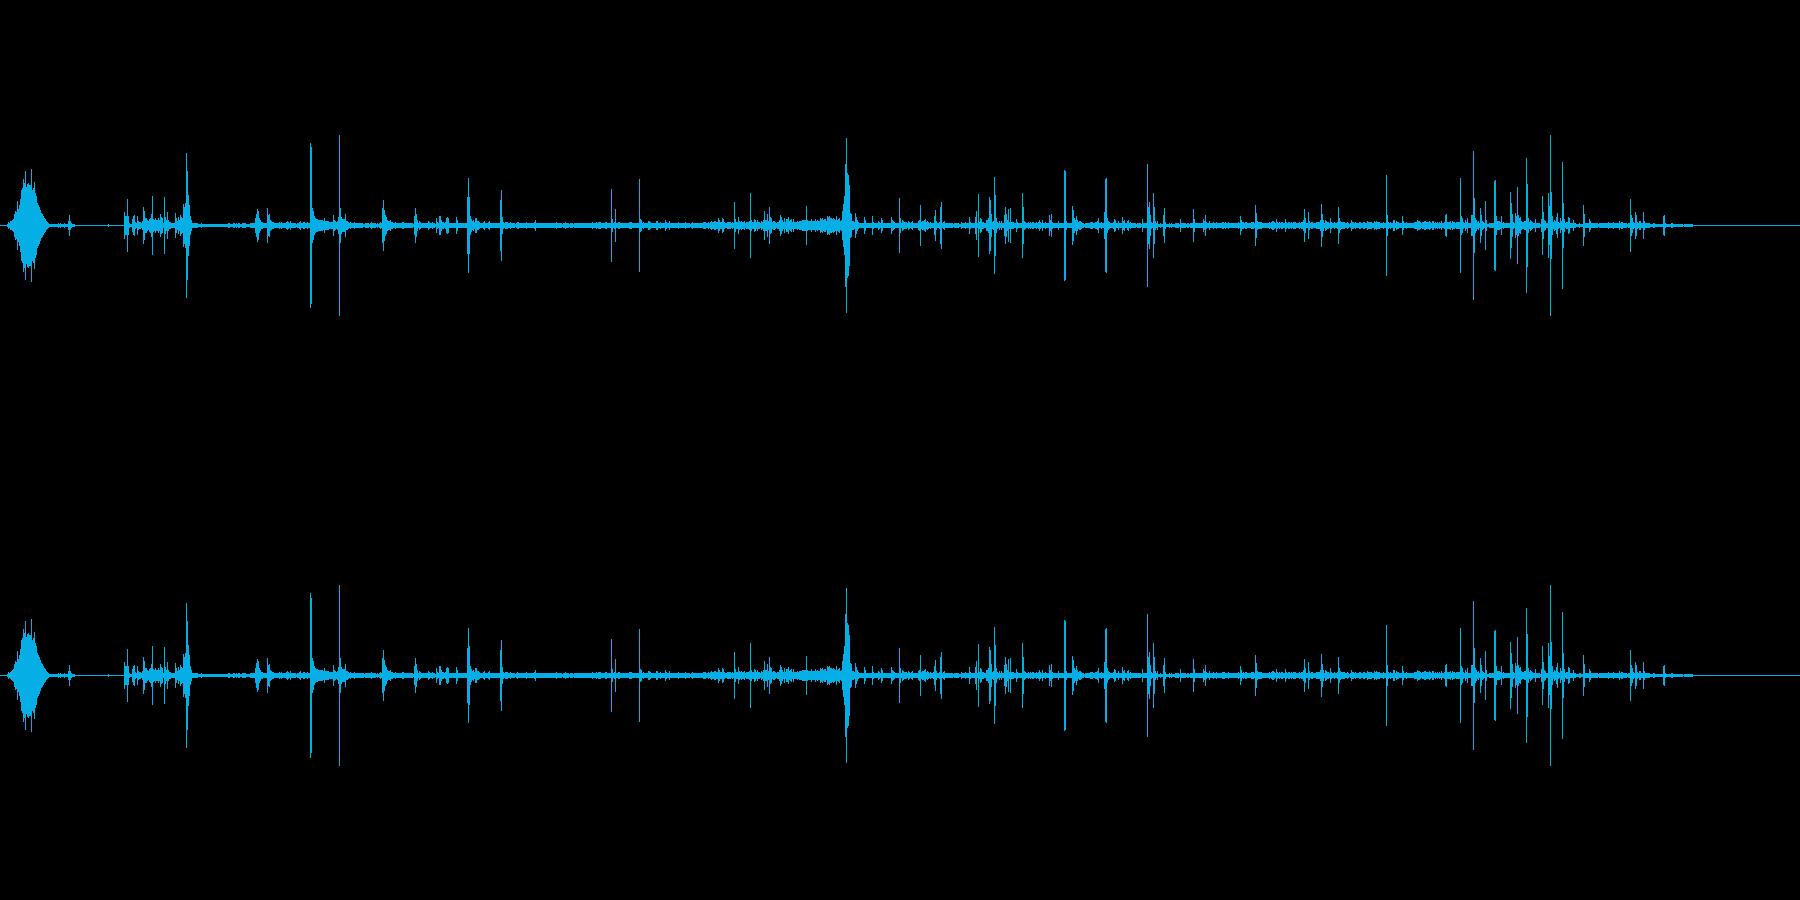 炭酸水を飲む音の再生済みの波形